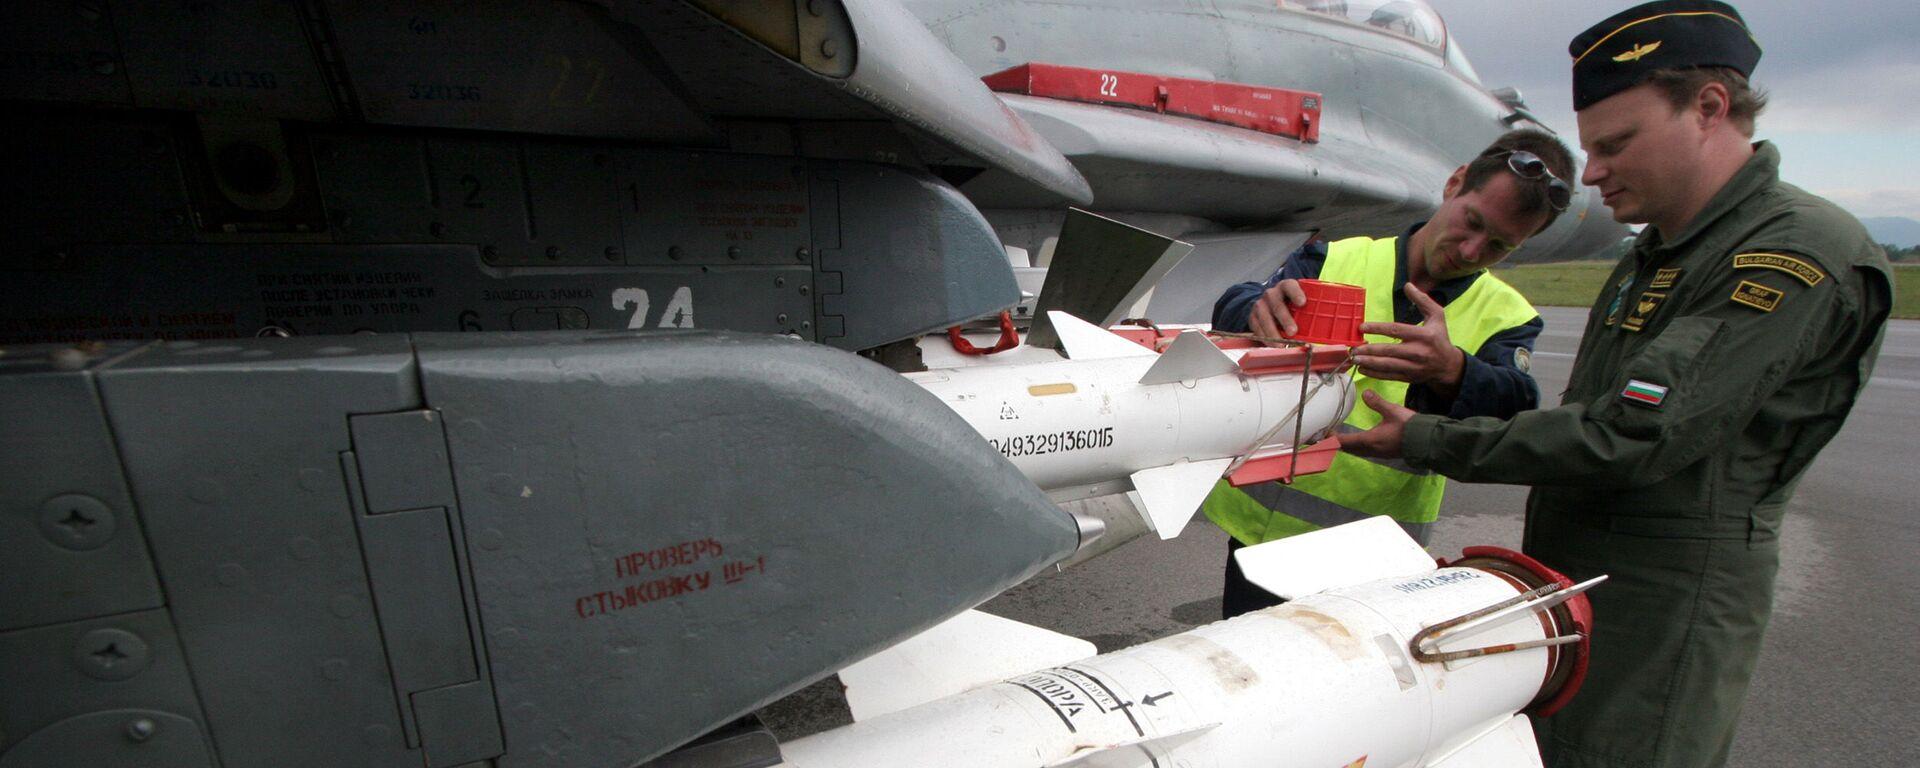 Kontrola bulharského MiG-29 před letem. Ilustrační foto - Sputnik Česká republika, 1920, 10.06.2021